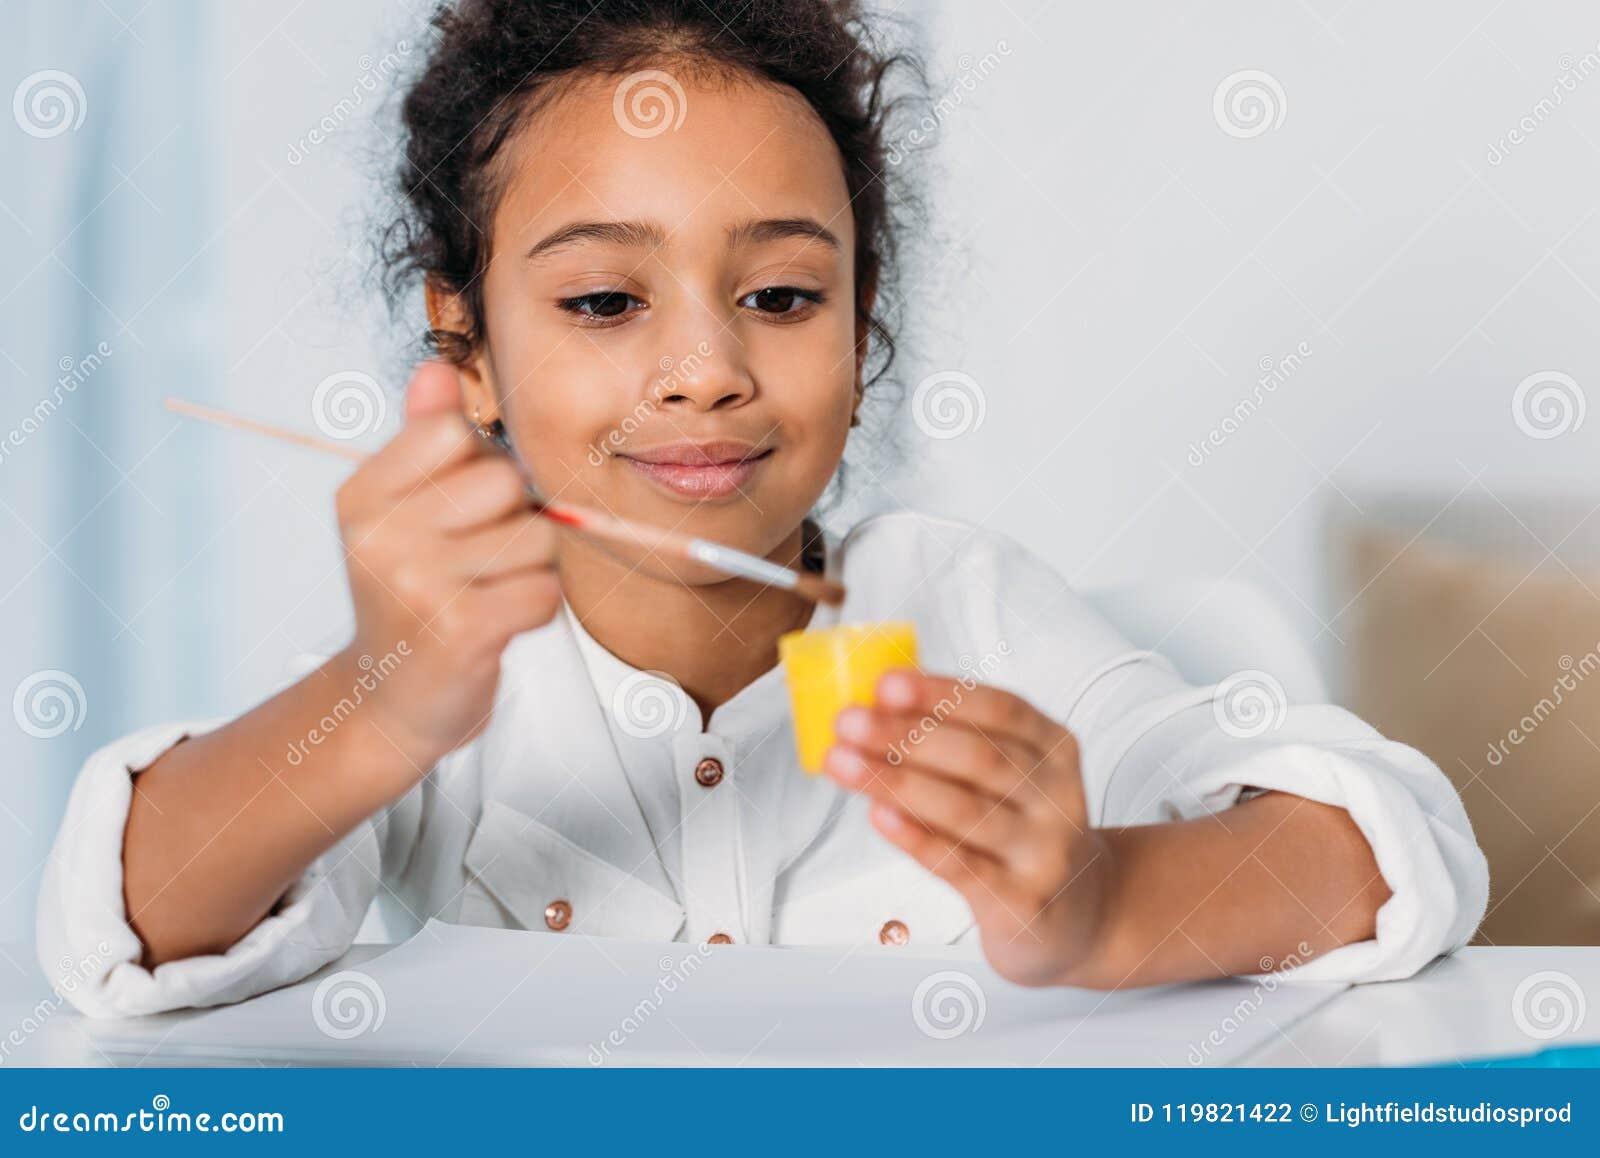 λατρευτό παιδί αφροαμερικάνων που βάζει τη βούρτσα χρωμάτων